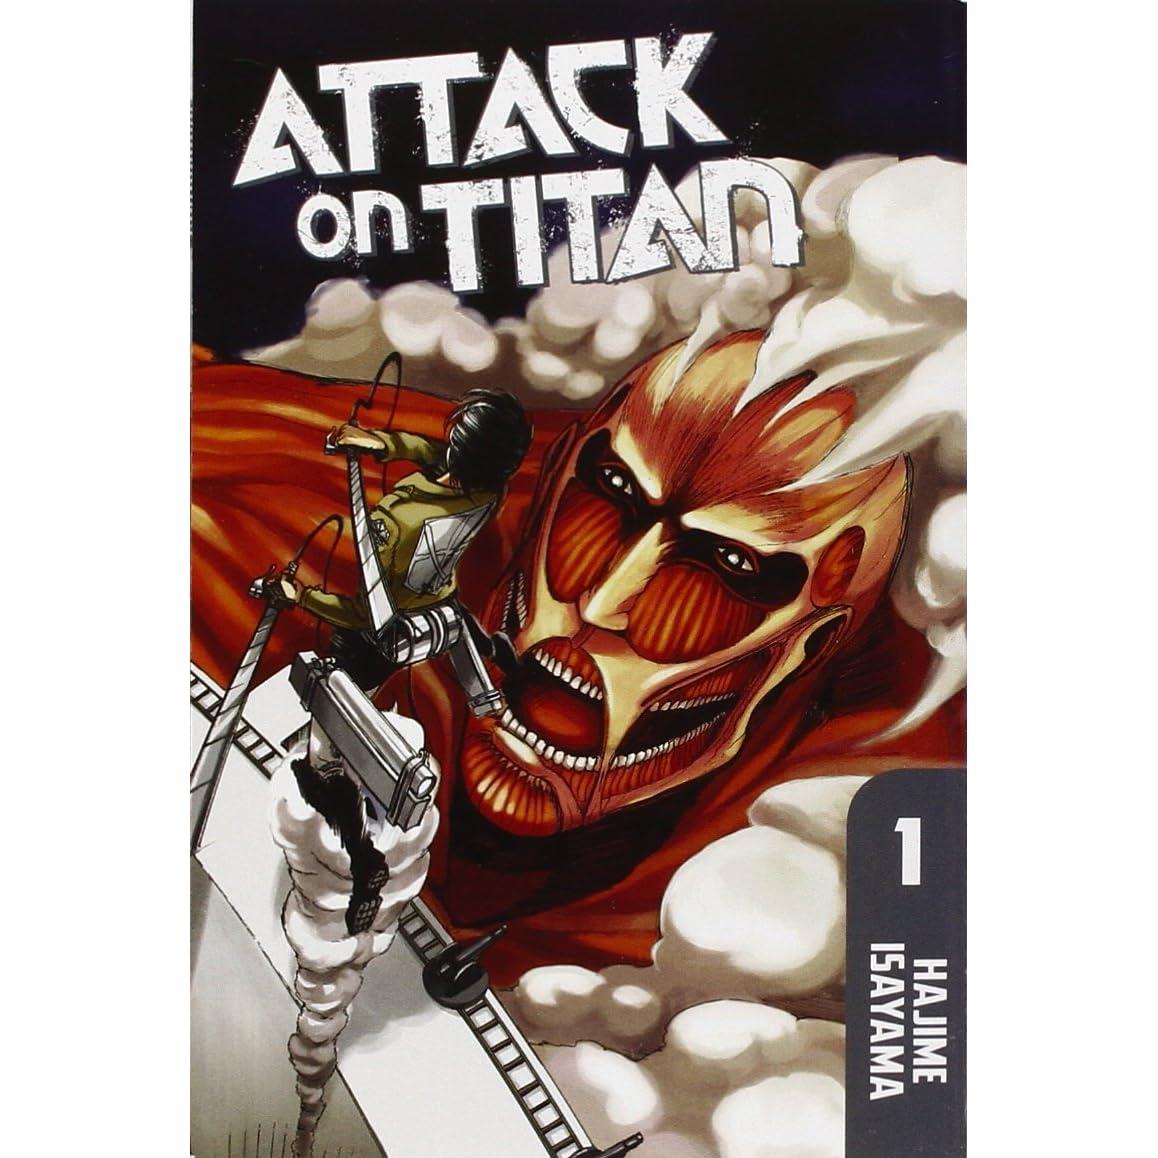 Attack On Titan, Vol. 1 (Attack On Titan, #1) By Hajime